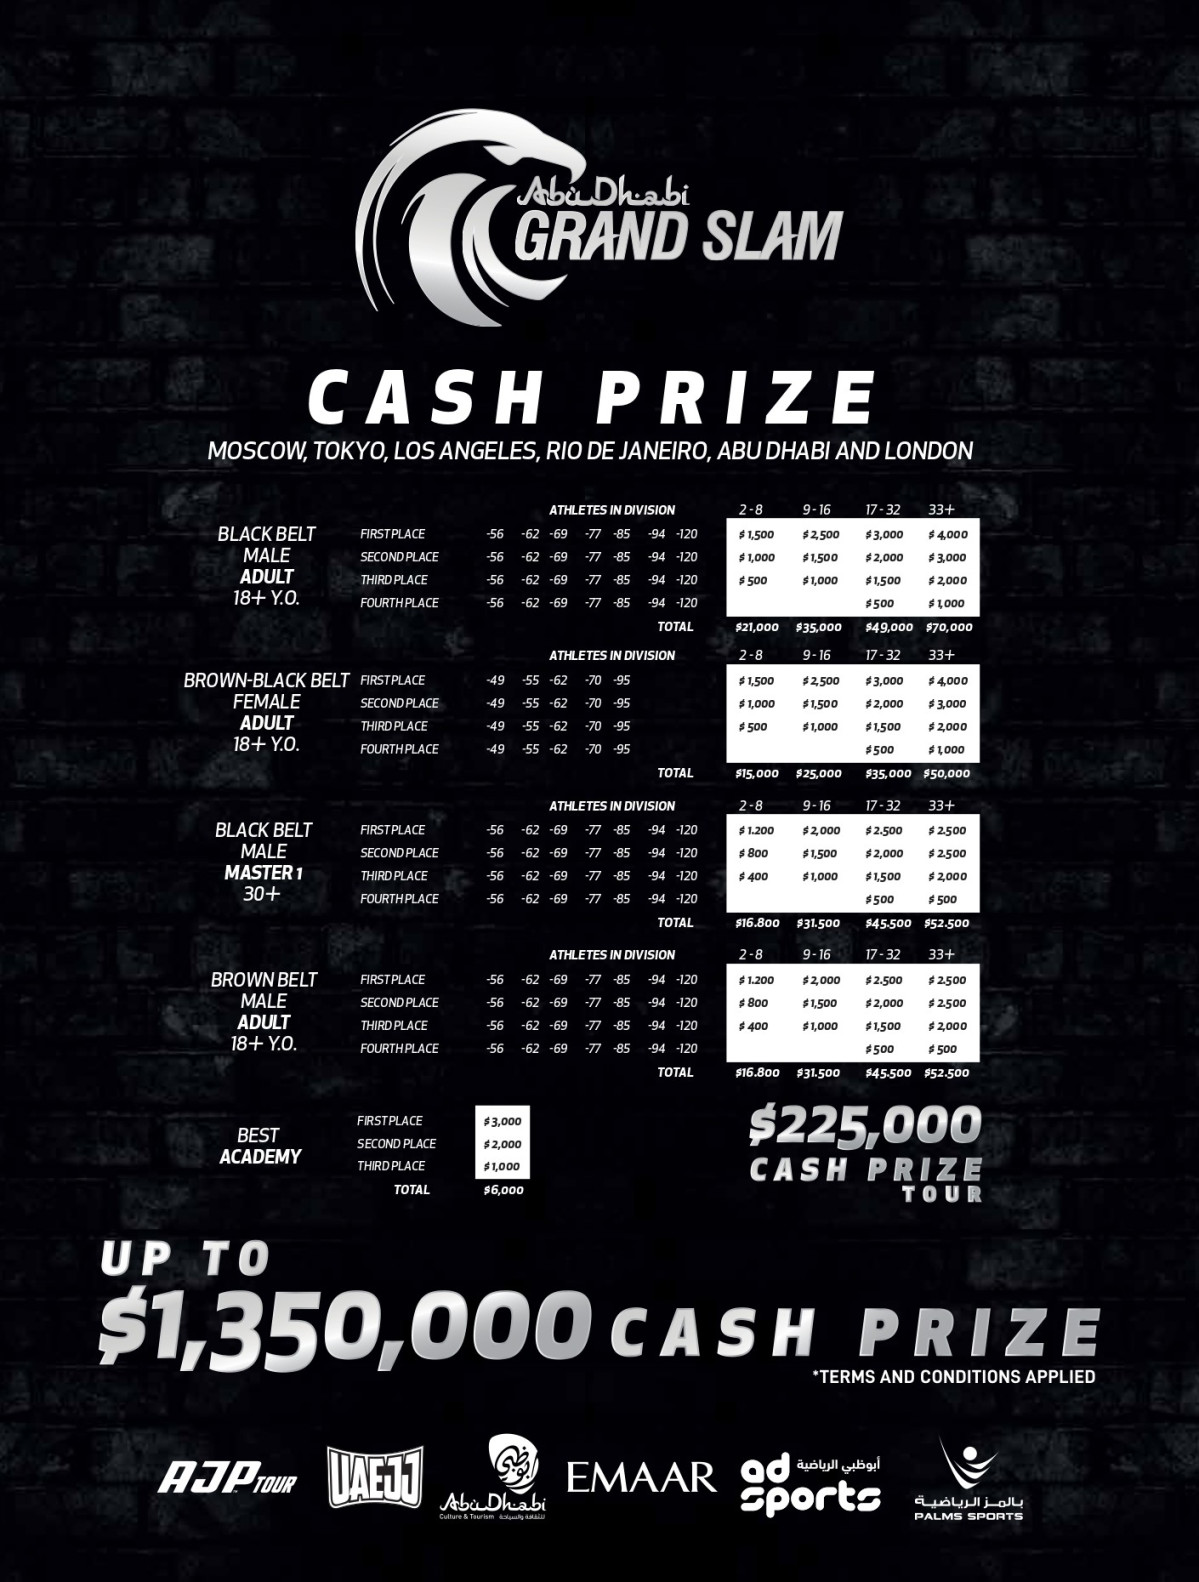 ajp-cash-prize-adgs-2019-2020-20190606172409.jpeg